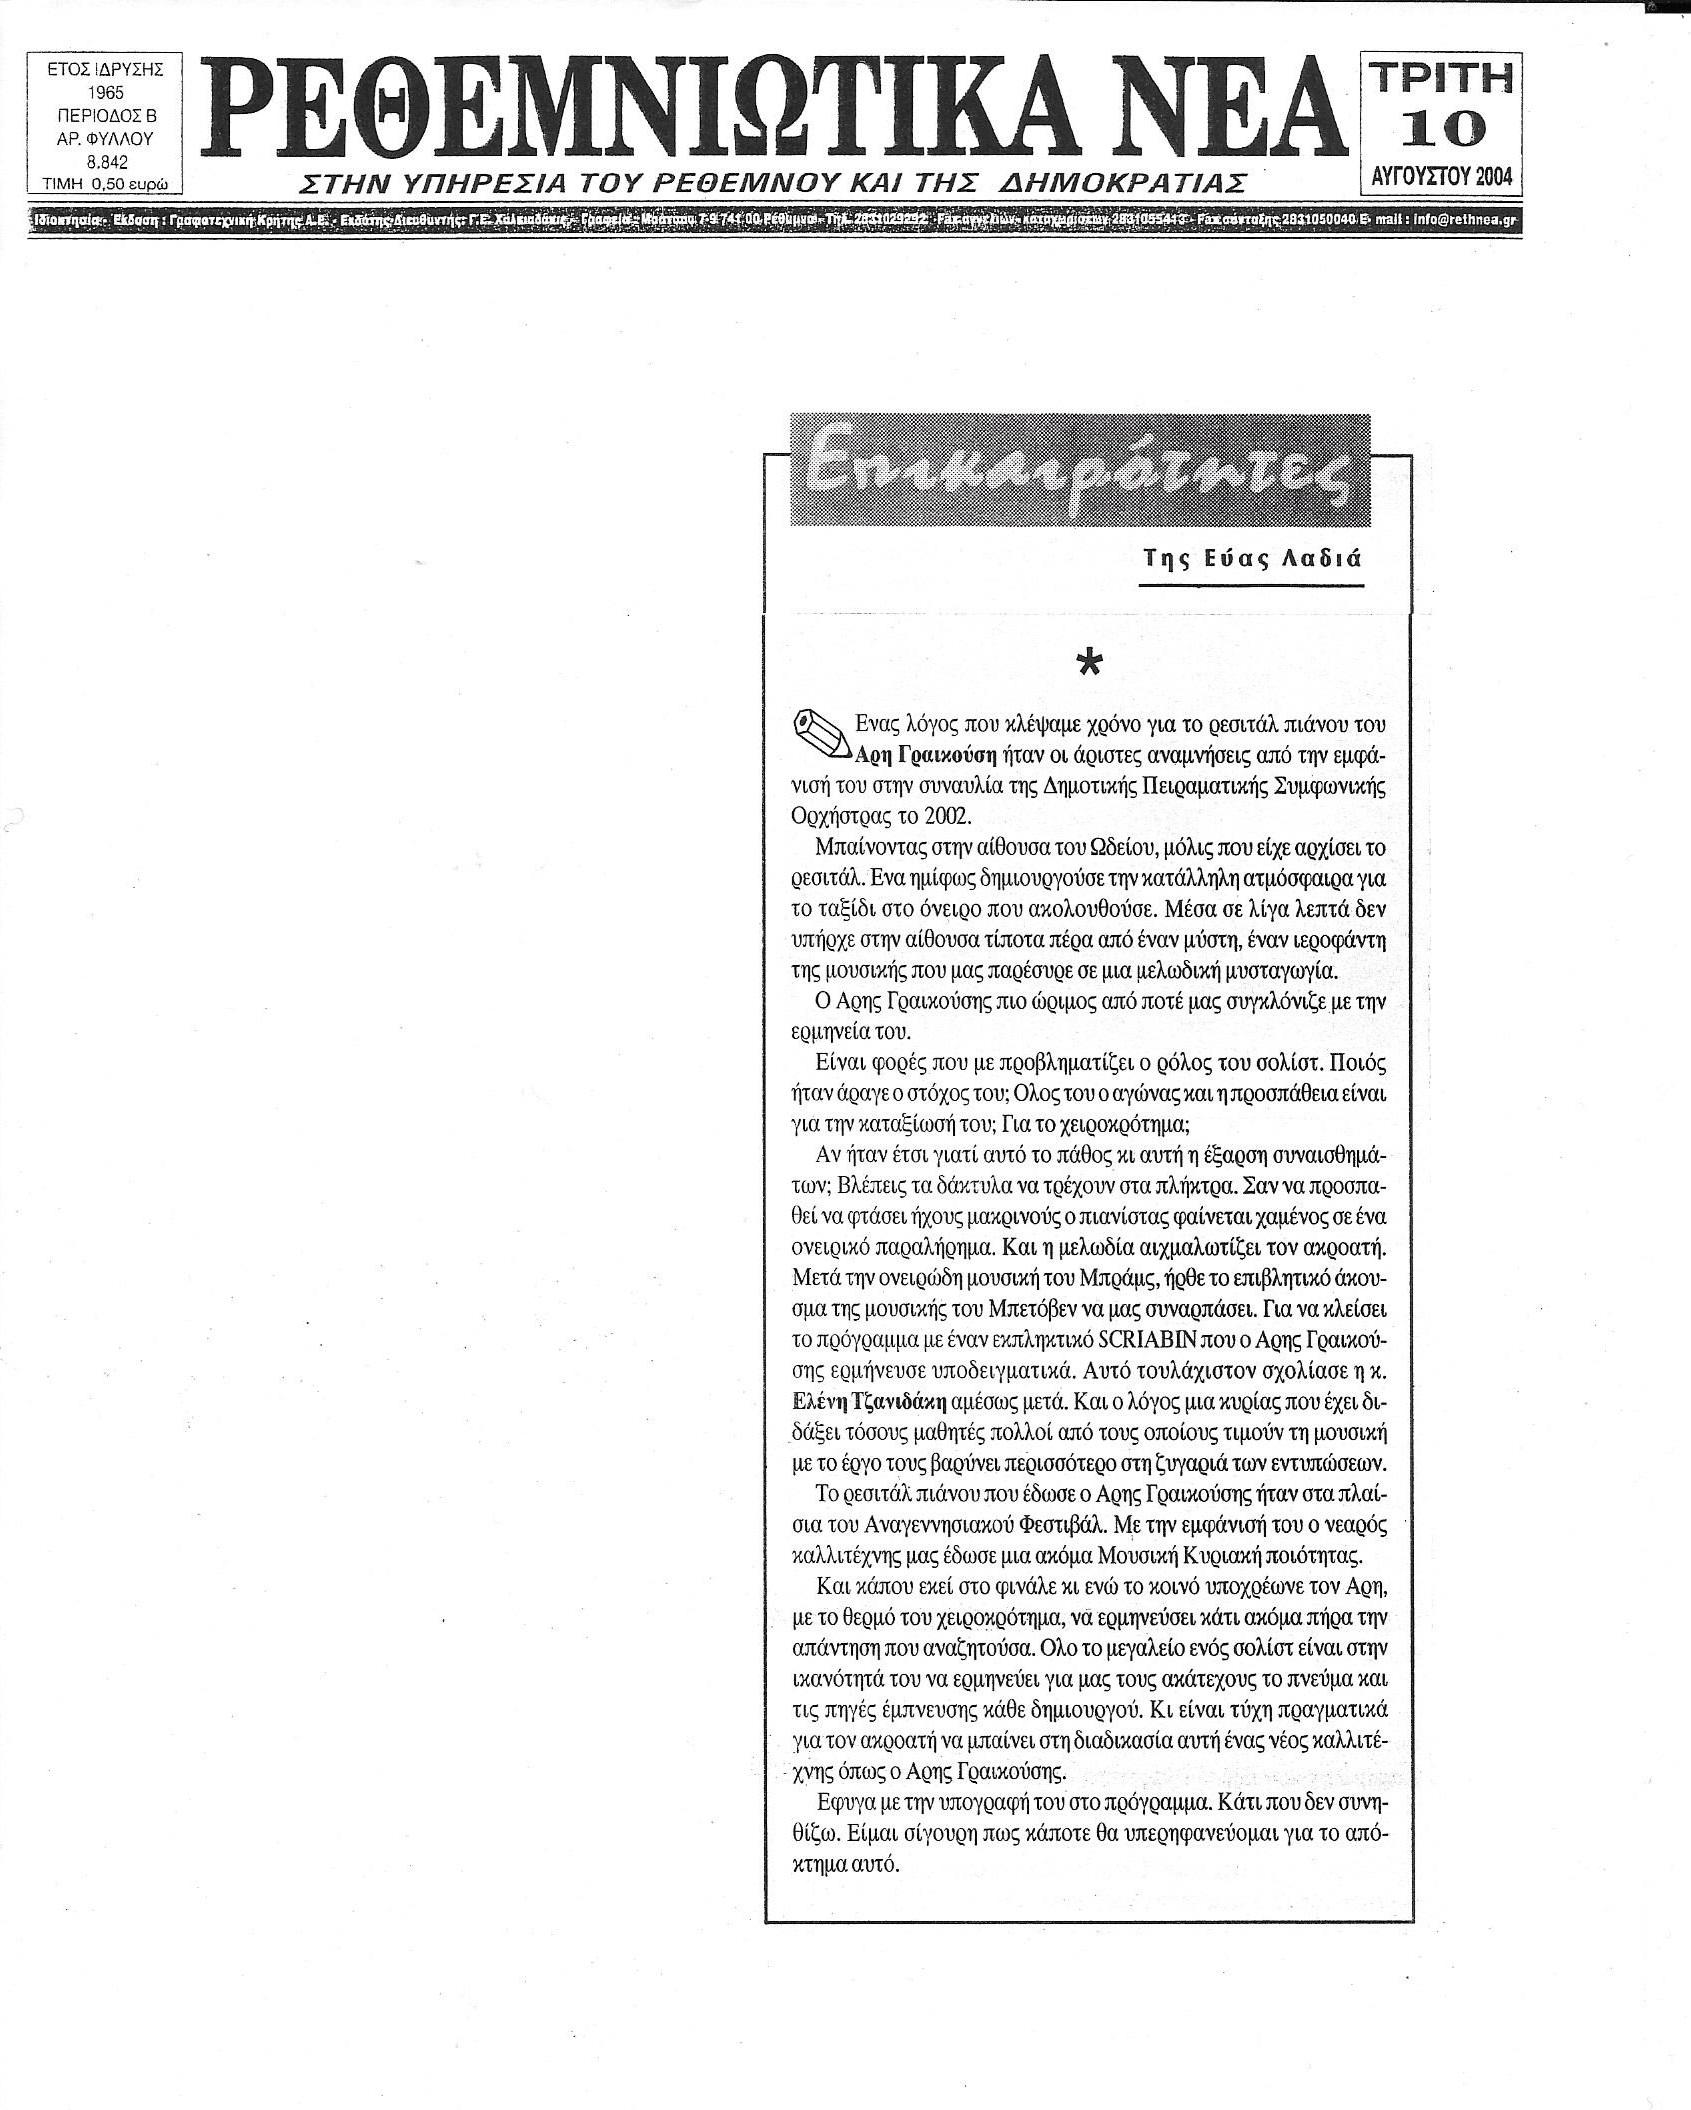 Κριτική της Εύας Λαδιά για το Ρεσιτάλ Πιάνου του Άρη Γραικούση - Ρεθυμνιώτικα Νέα 10 Αυγούστου 2004.